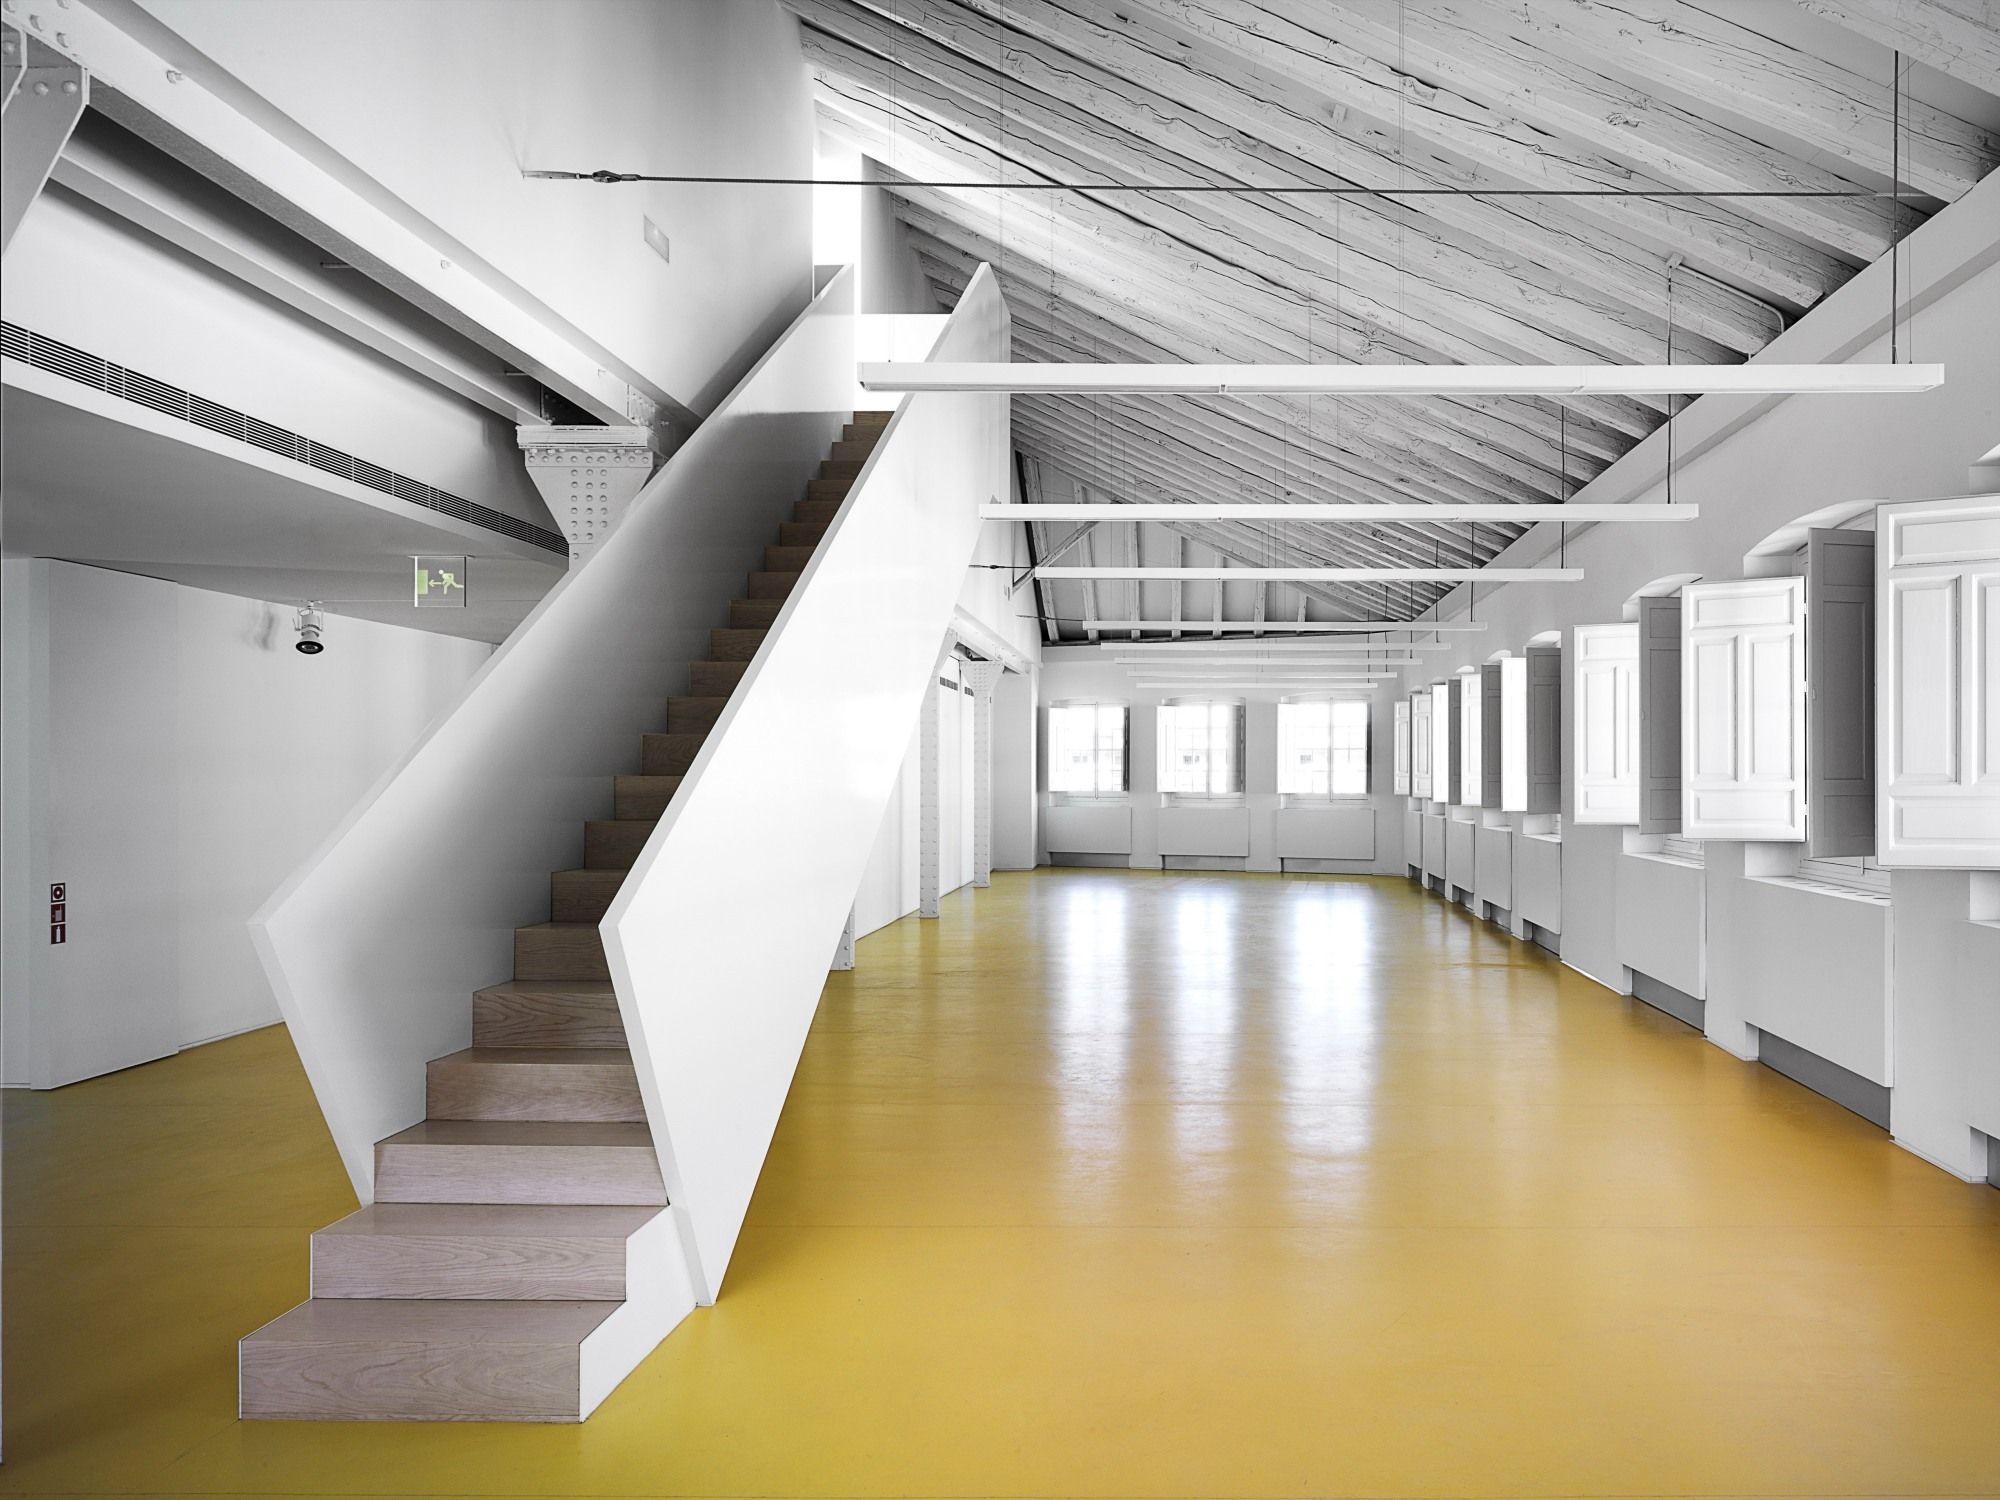 museu_ABC_aranguren_gallegos_arquitectos (11)